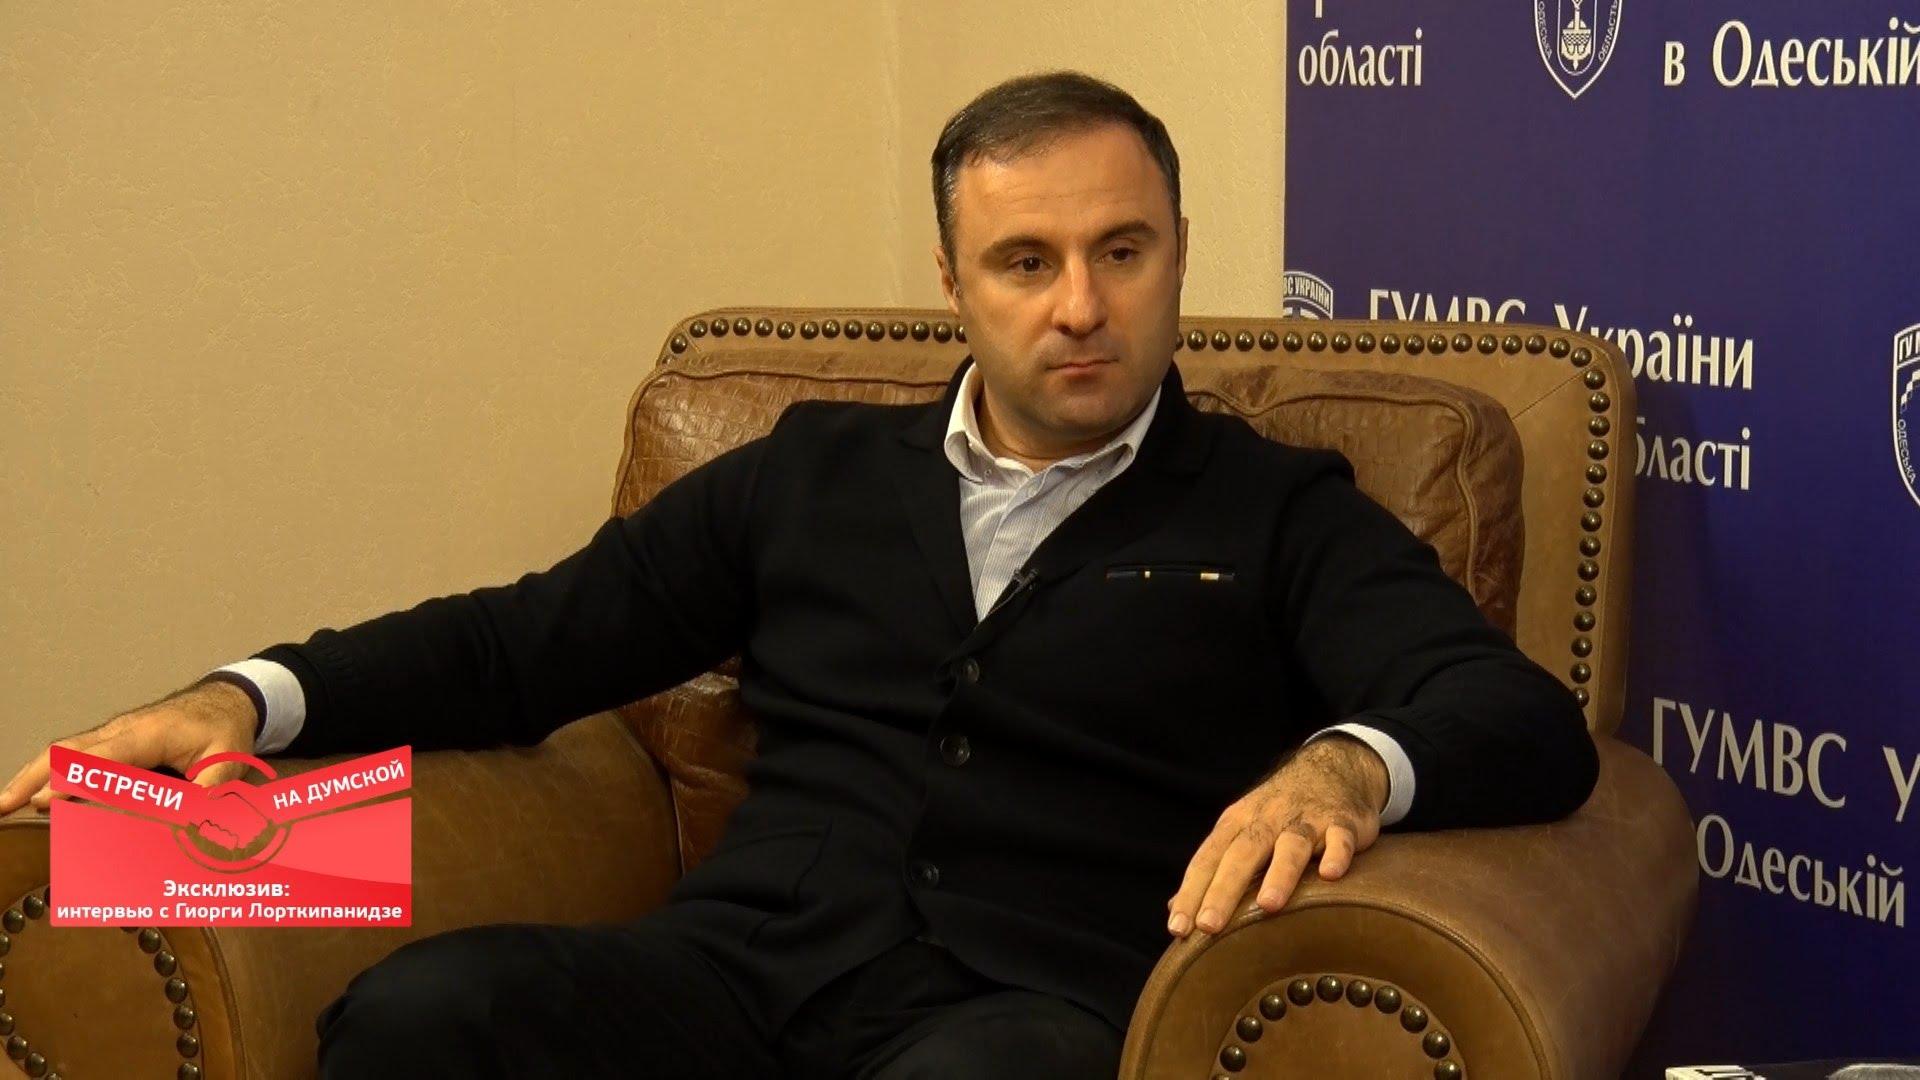 Суд в Грузии санкционировал арест главы полиции Одесской